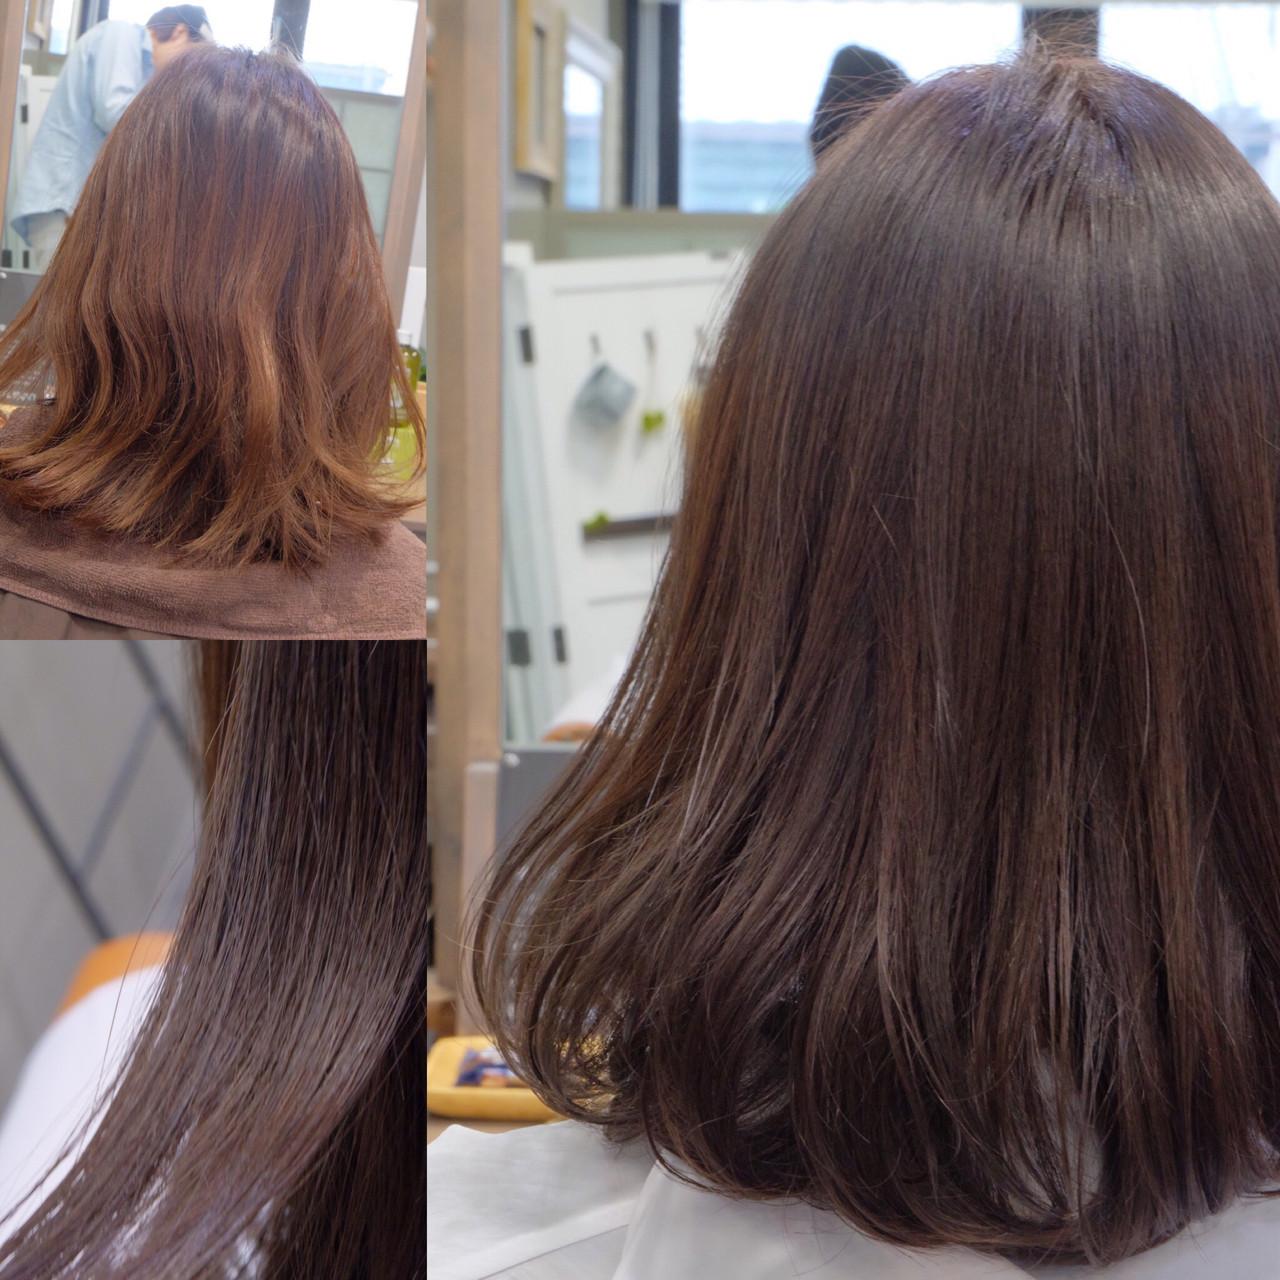 ミルクティー 大人女子 ミディアム こなれ感 ヘアスタイルや髪型の写真・画像